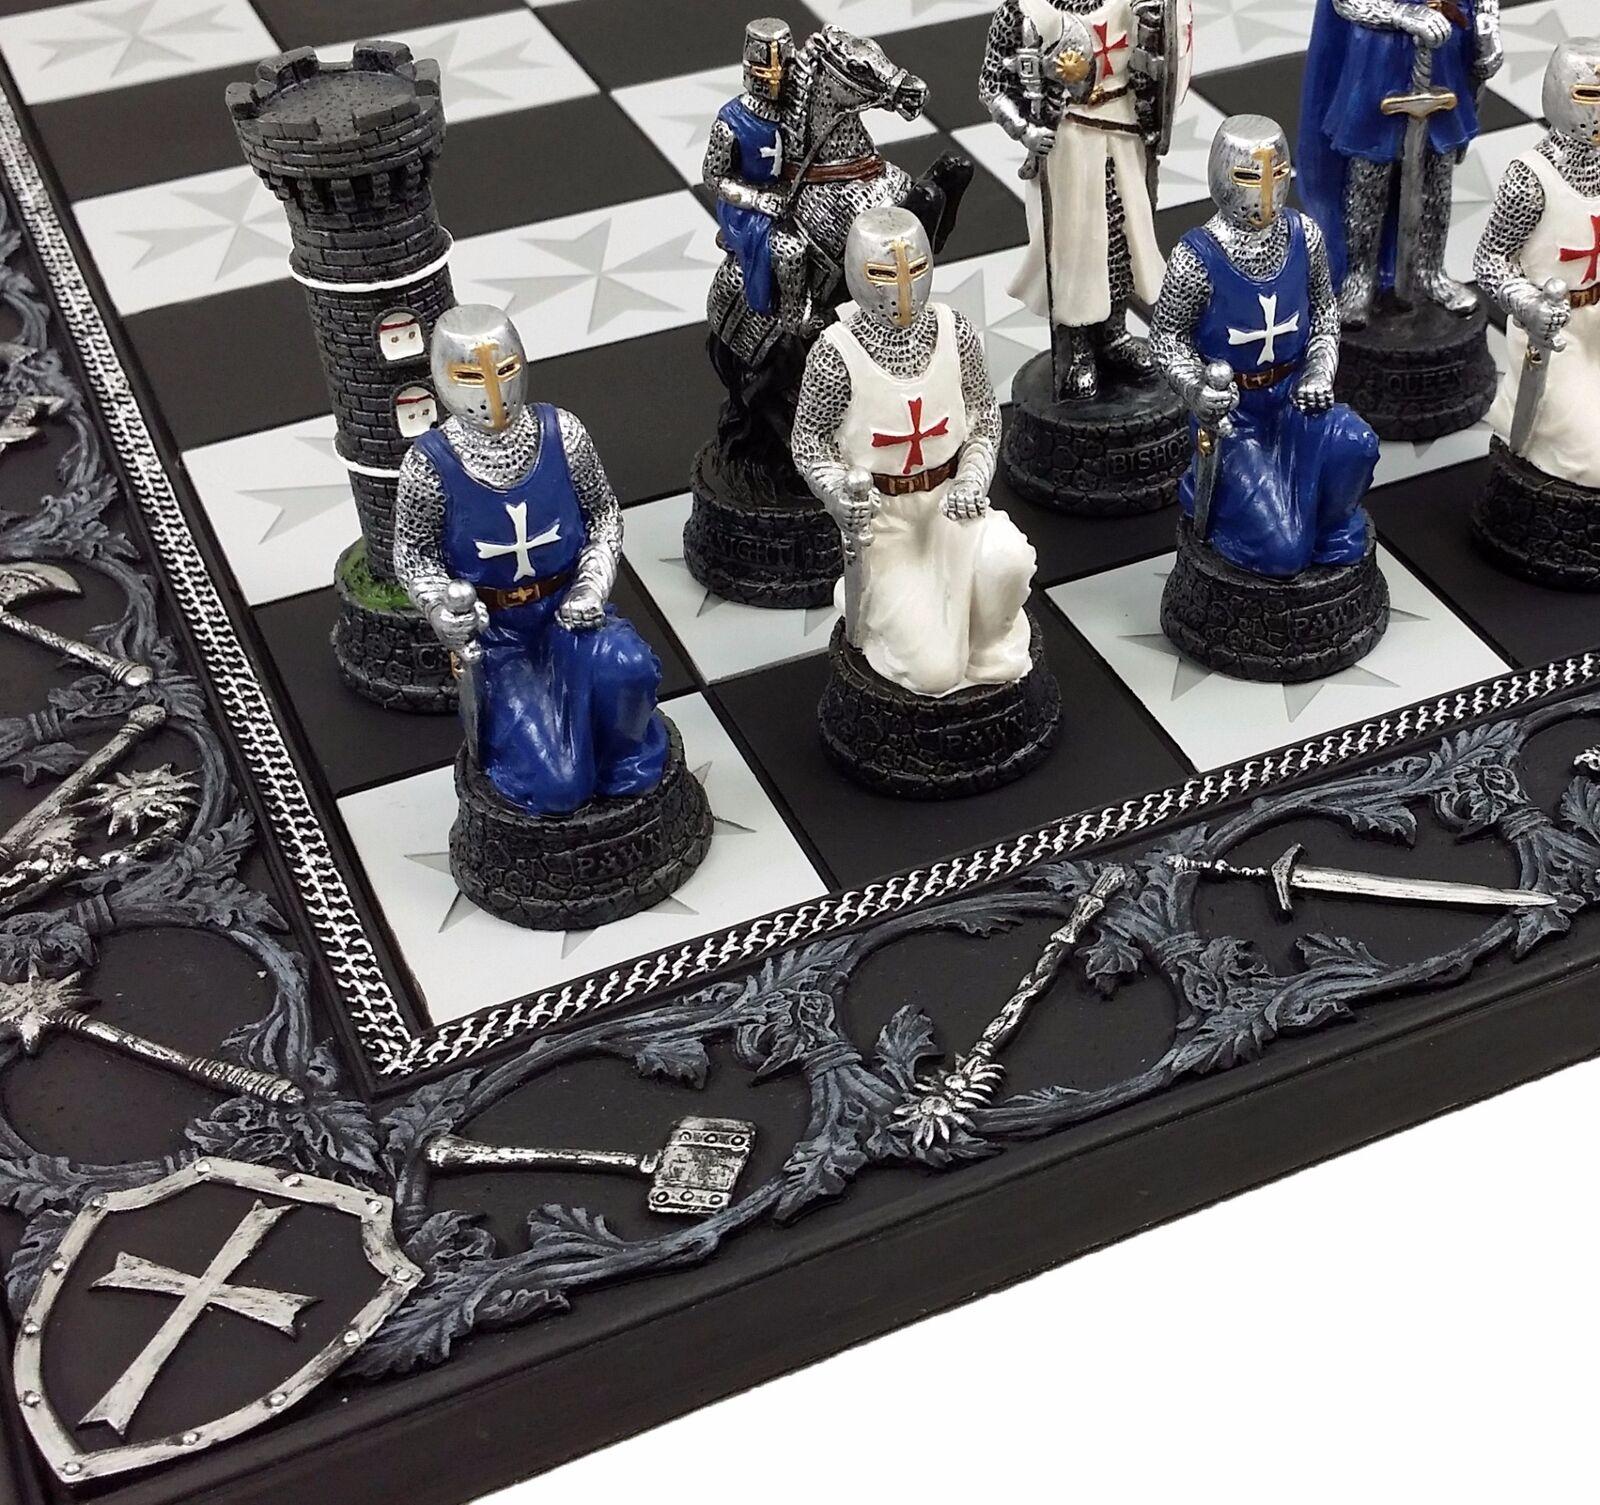 Los tiempos medievales cruzadas Azul Y blancoa Con Armadura Caballeros de Malta Juego De Ajedrez Tablero De 17